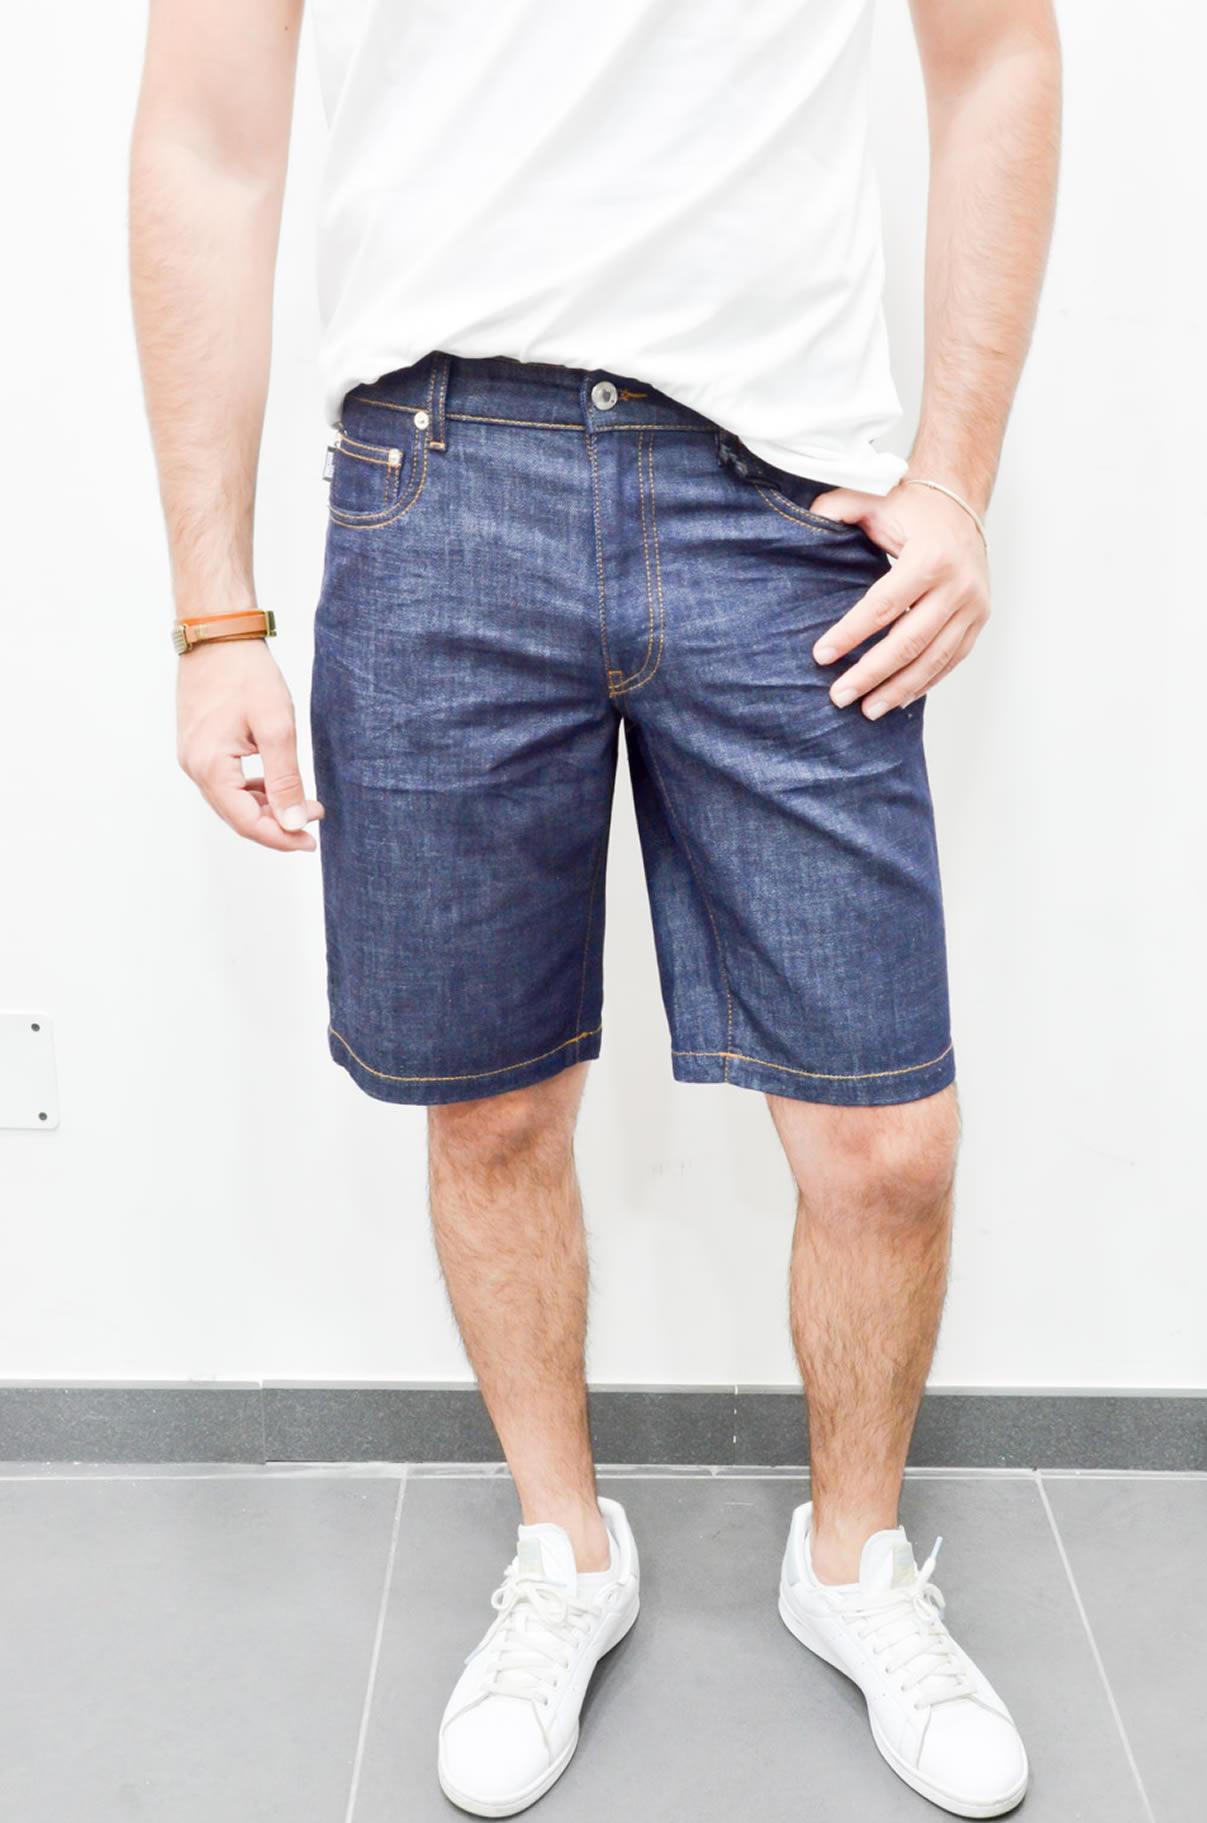 a01e1f2725f3 Moschino – Bermuda in jeans Uomo – Fashion Italy